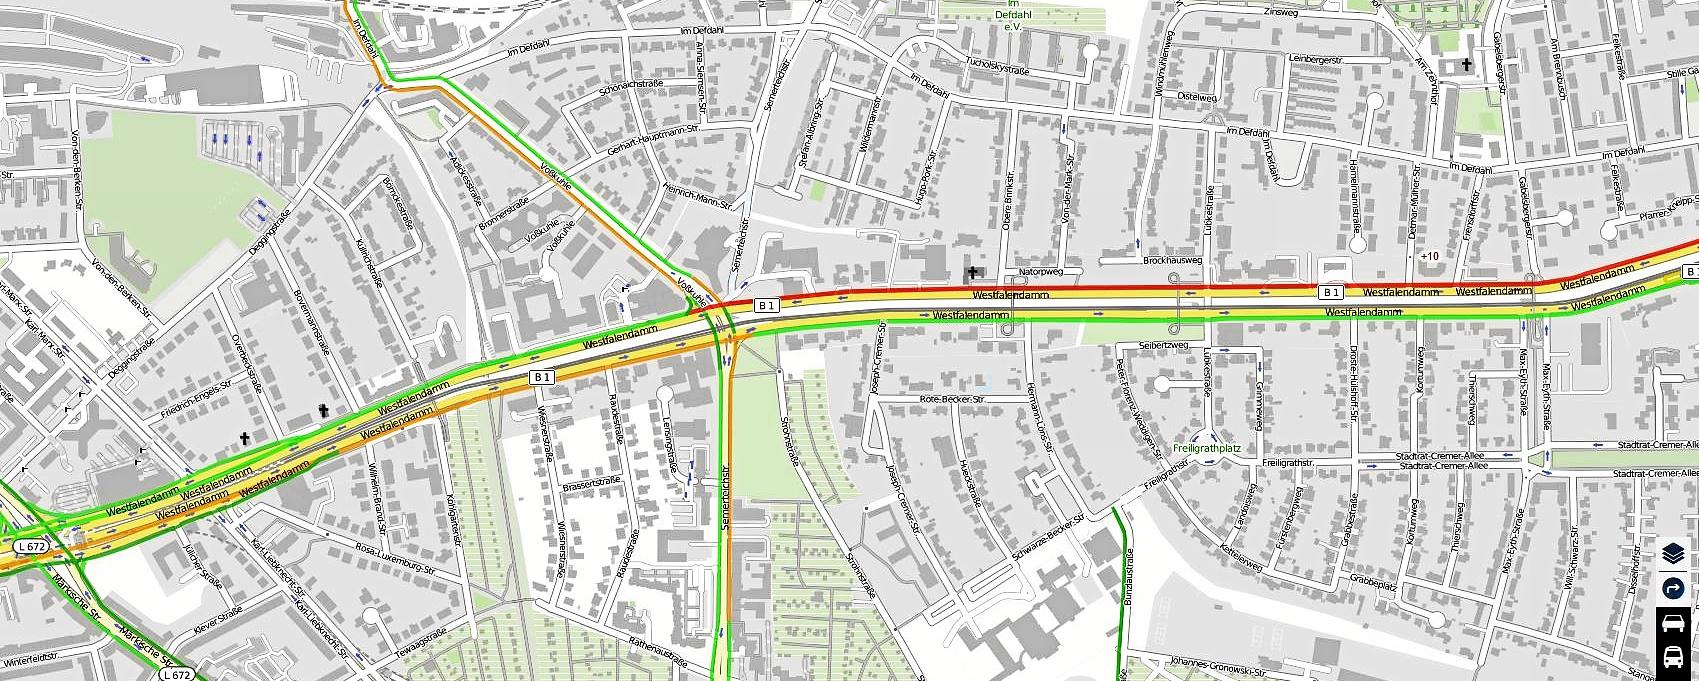 """Verkehrsfluss """"Rot"""" und """"Orange"""" rund um Kreuzung B1- Voßkuhle - wie lange noch?         (Quelle: www.verkehr.nrw)"""